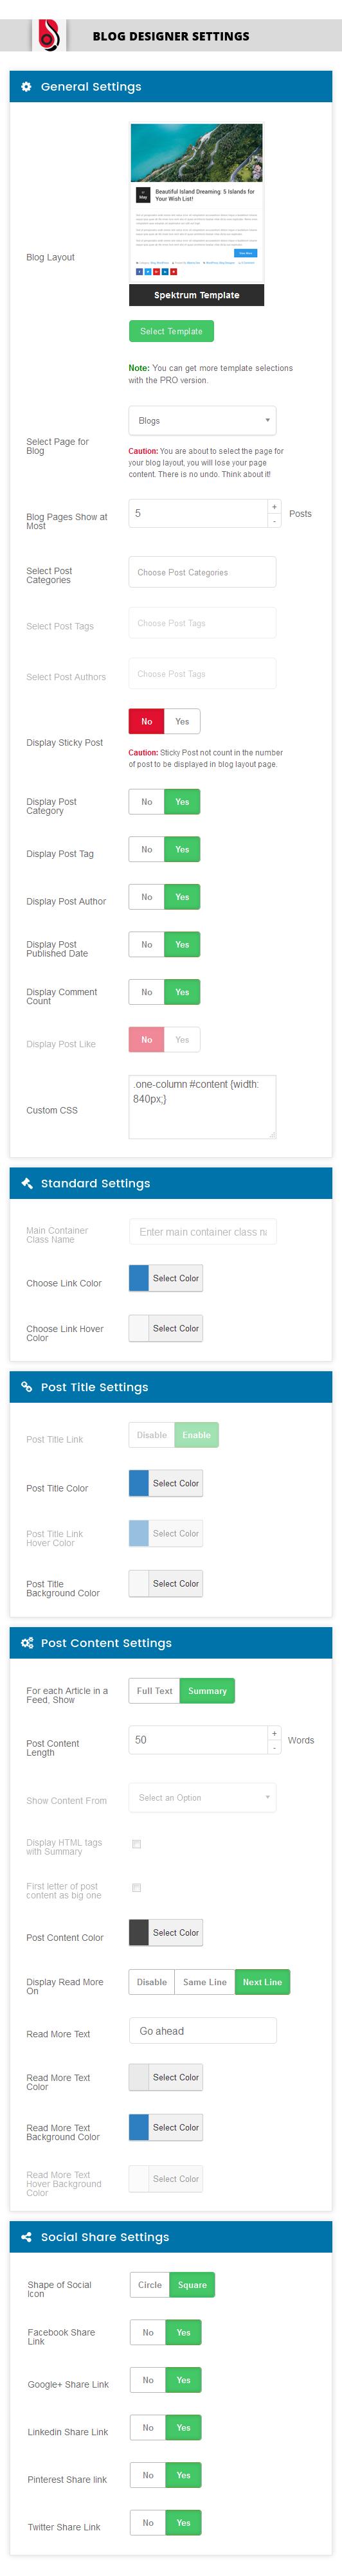 Download Blog Designer 1.8.9.3 – Free WordPress Plugin